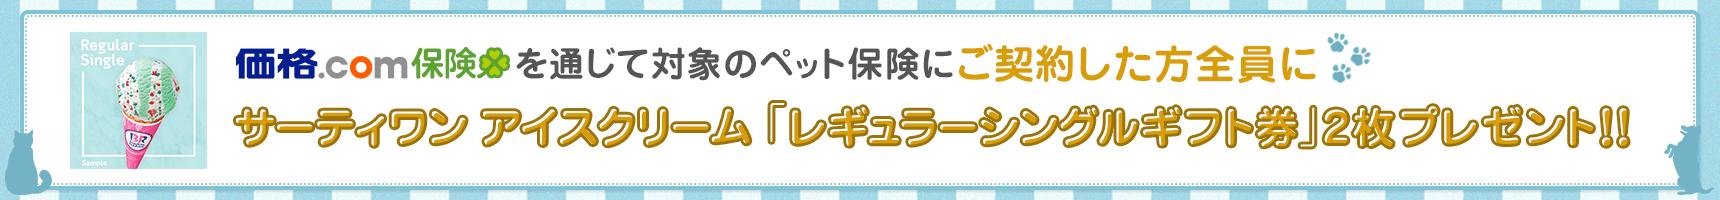 価格.com保険 ペット保険ご契約者全員にHotmanの「1秒タオル」プレゼント!!